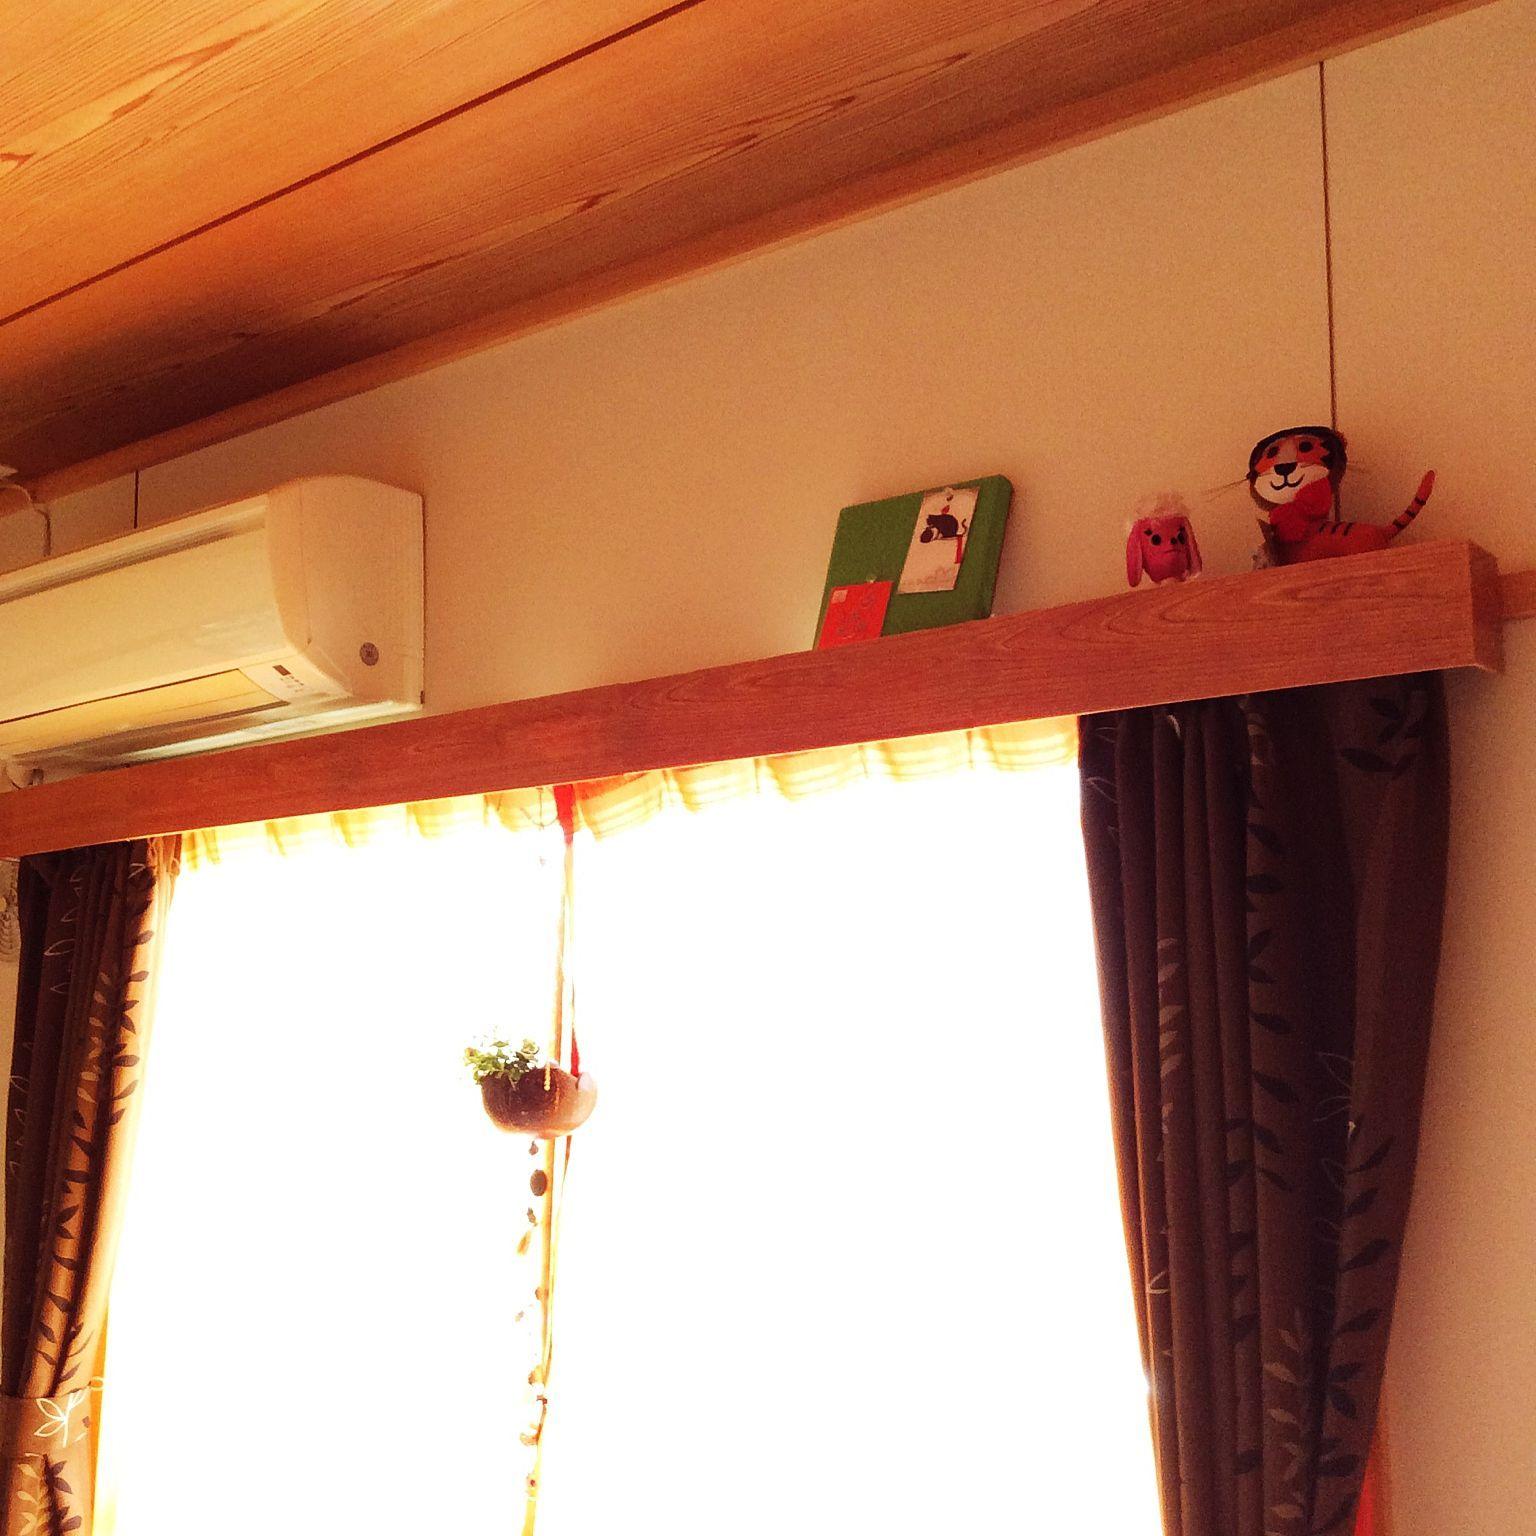 壁 天井 窓まわり カーテンボックスdiy 和室 団地 などのインテリア